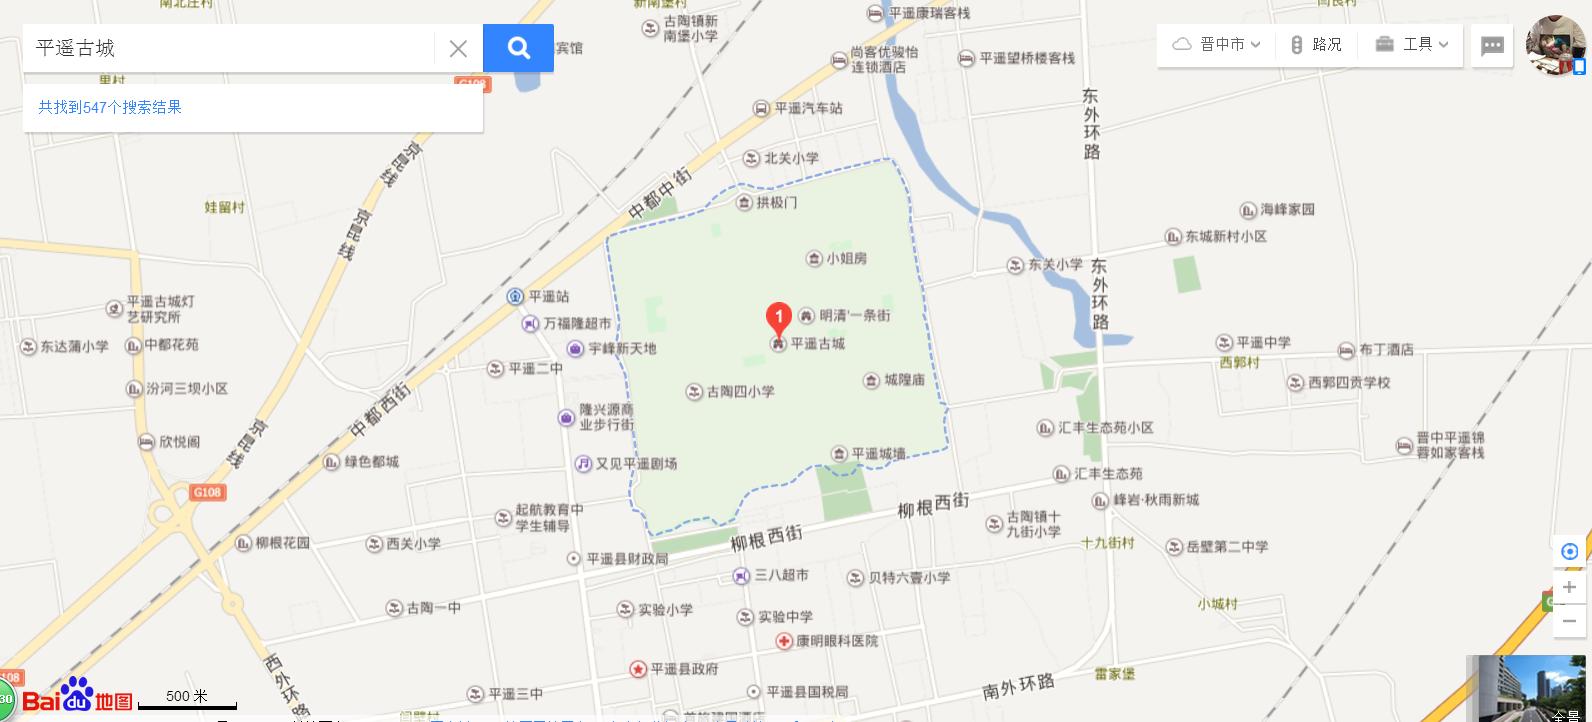 韩国人口和面积有多大_韩国人口